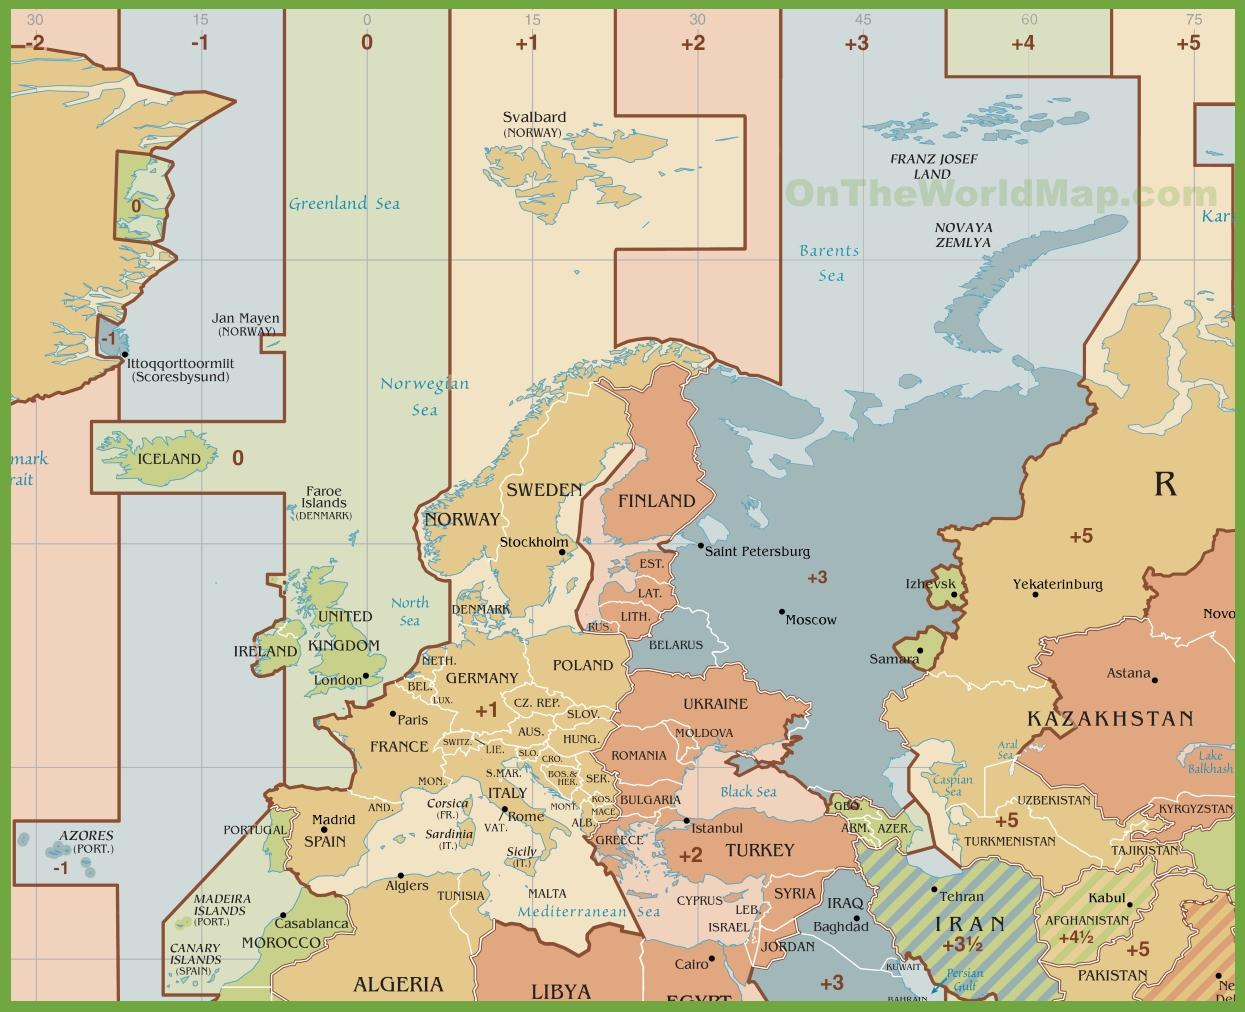 tidssoner europa kart Spania tidssone kart   Kart over Spania tidssone (Sør Europa   Europa) tidssoner europa kart